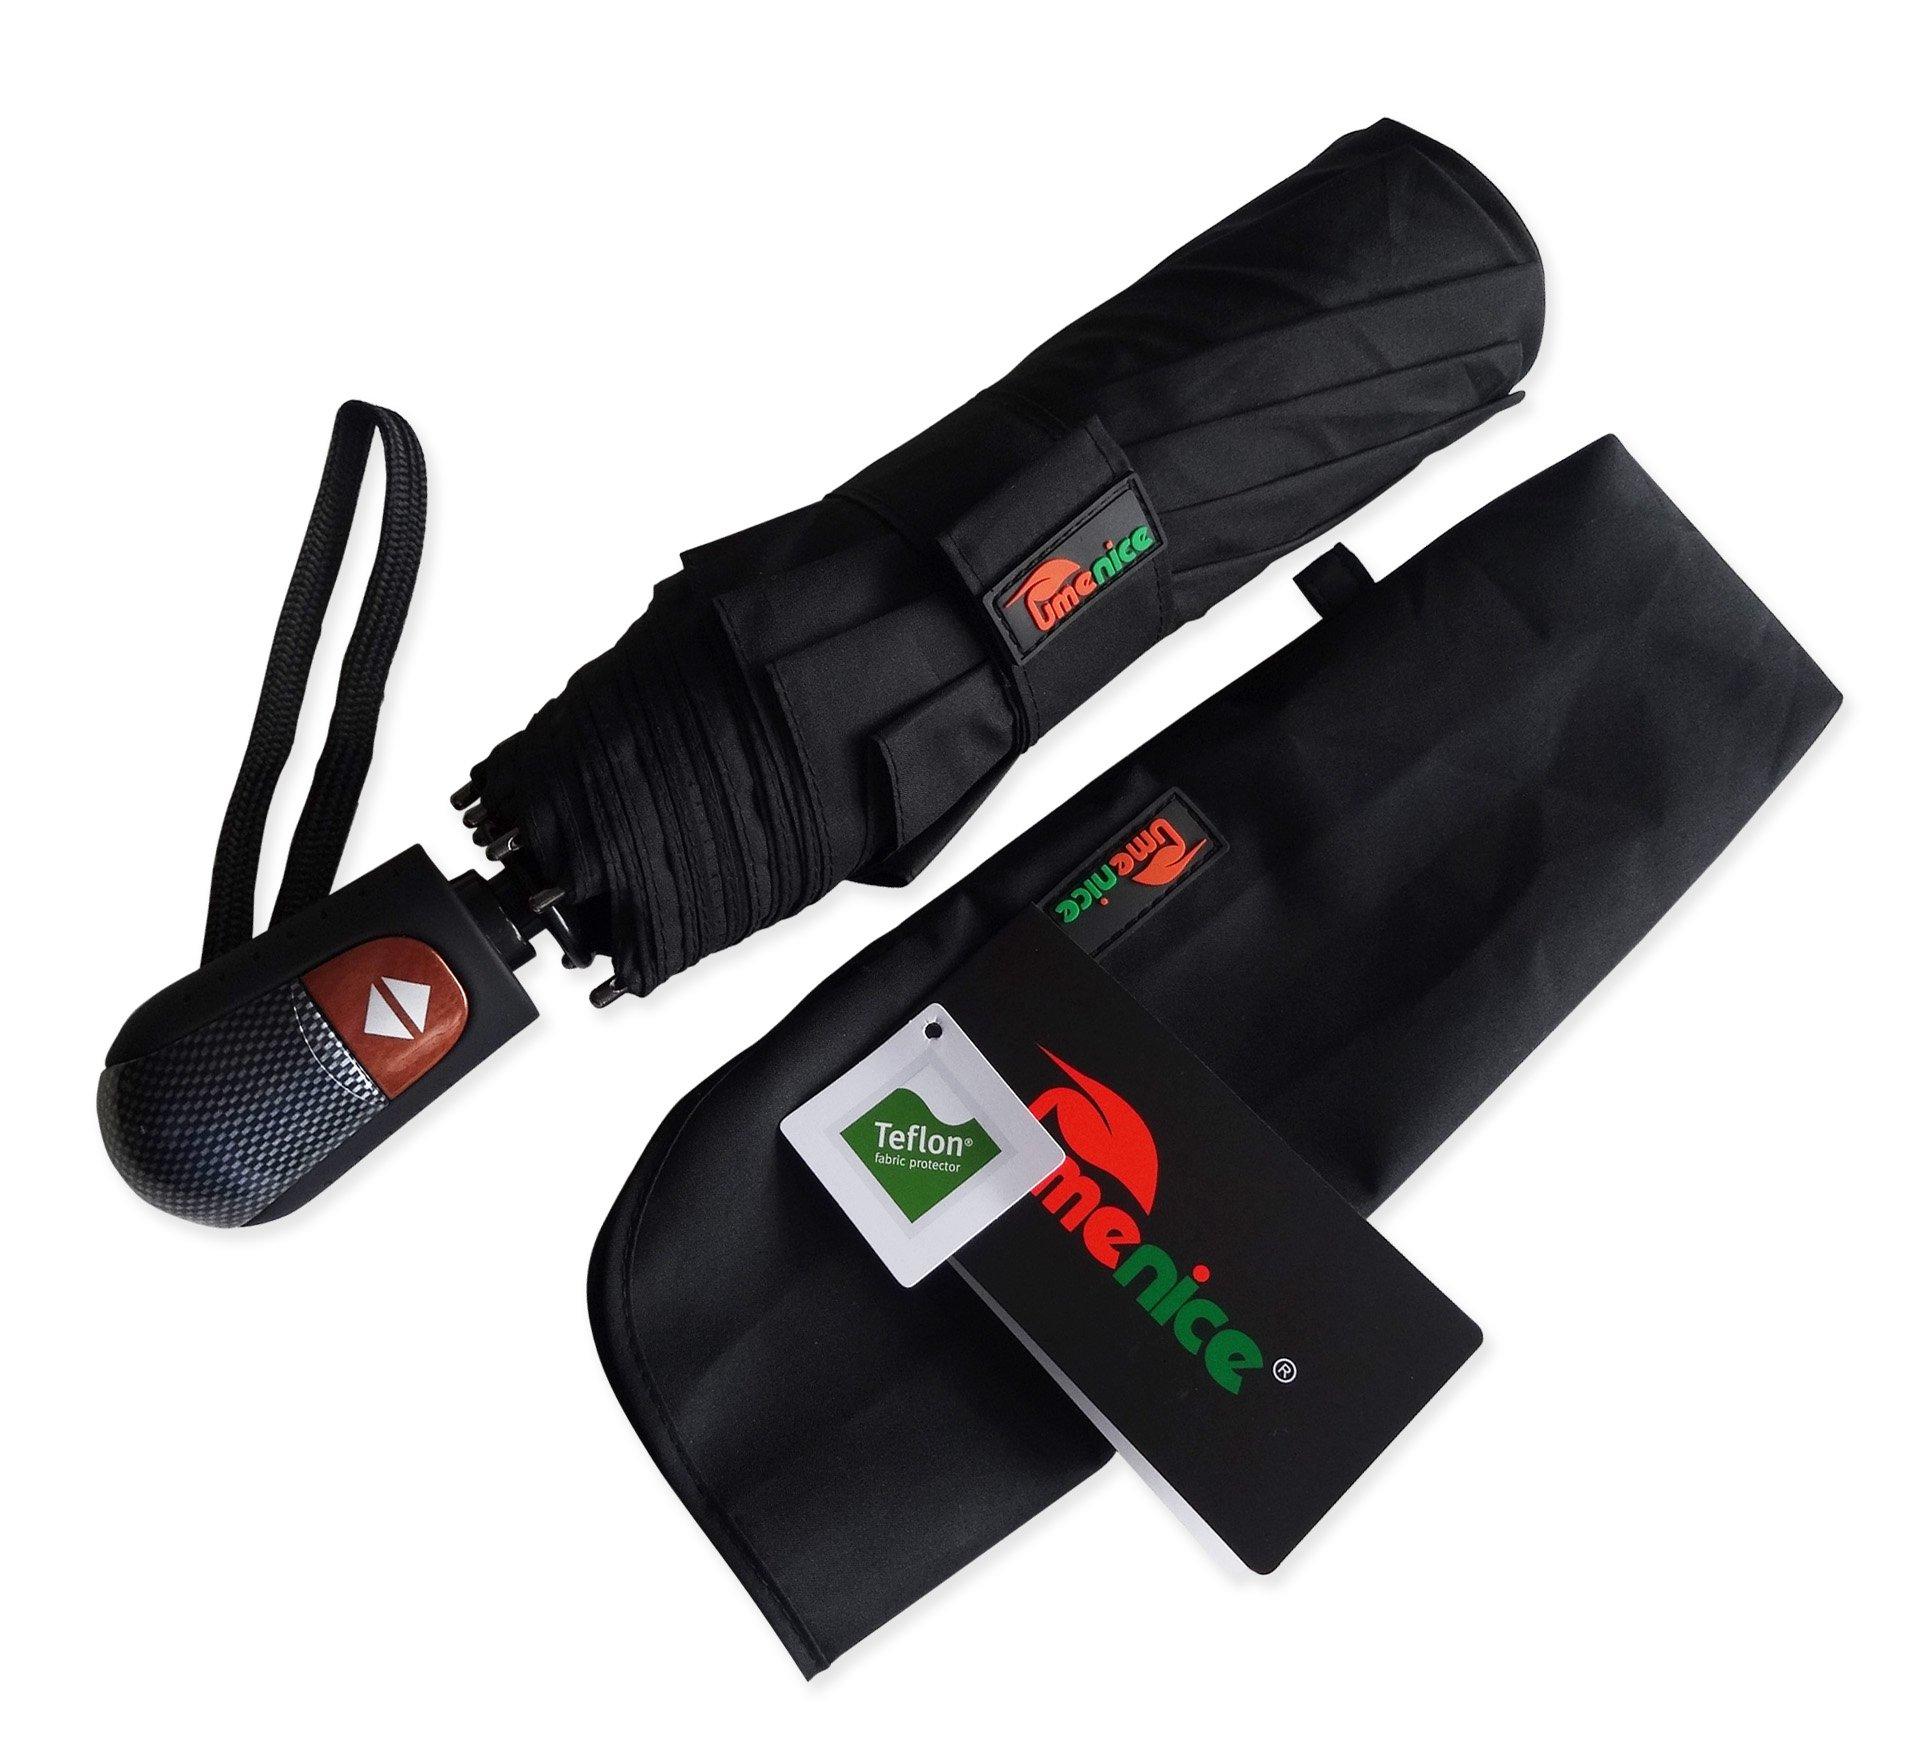 Umenice Parapluie haut de gamme Golf Automatique, 9 baleines, Auvent de couleur noire